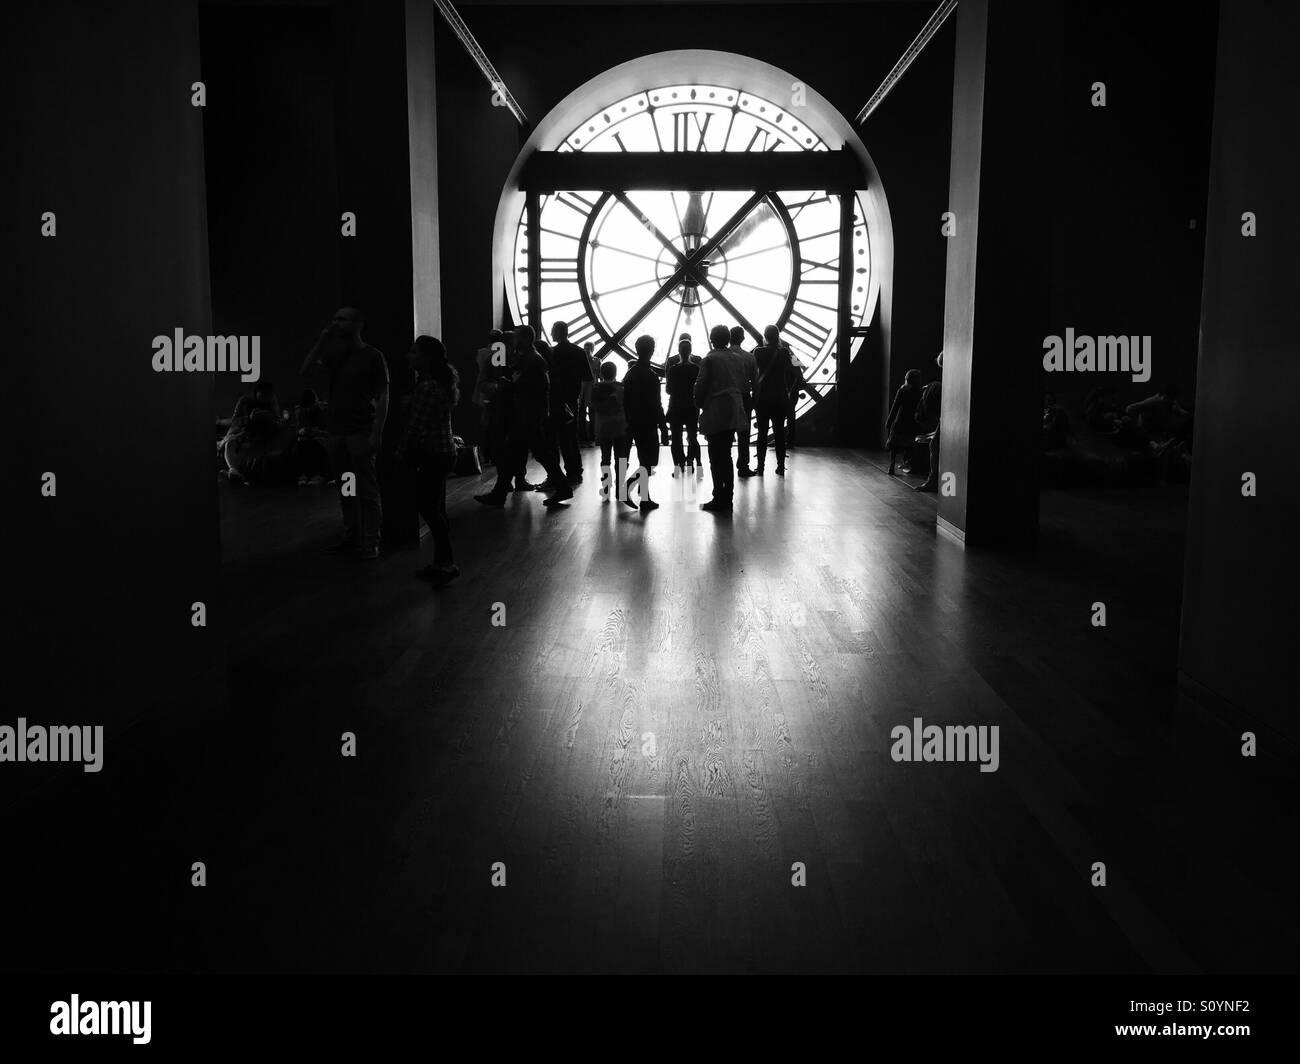 Il famoso orologio interno del Musee d'Orsay a Parigi in Francia con una folla di fronte ad esso. Immagini Stock